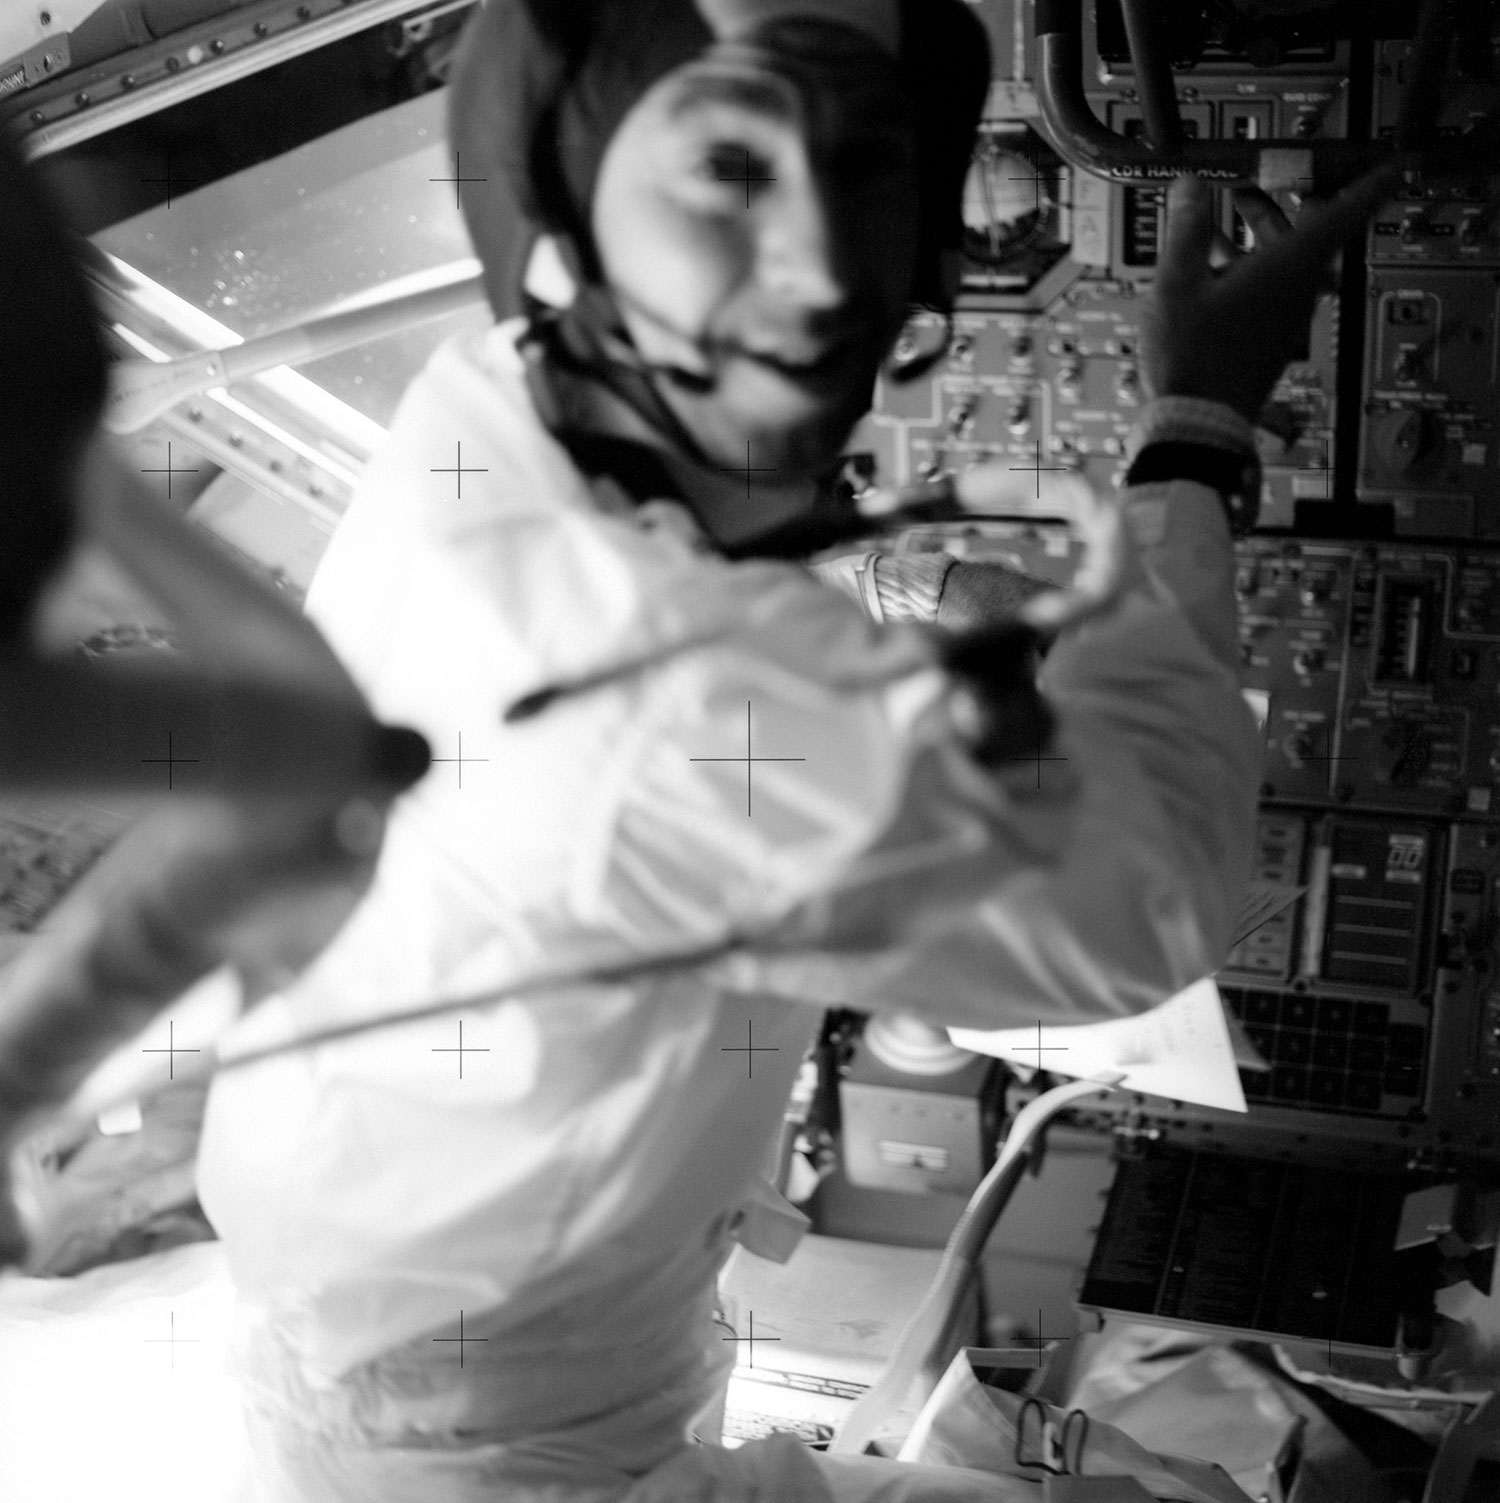 Jim Lovell en el módulo lunar con su Omega Speedmaster